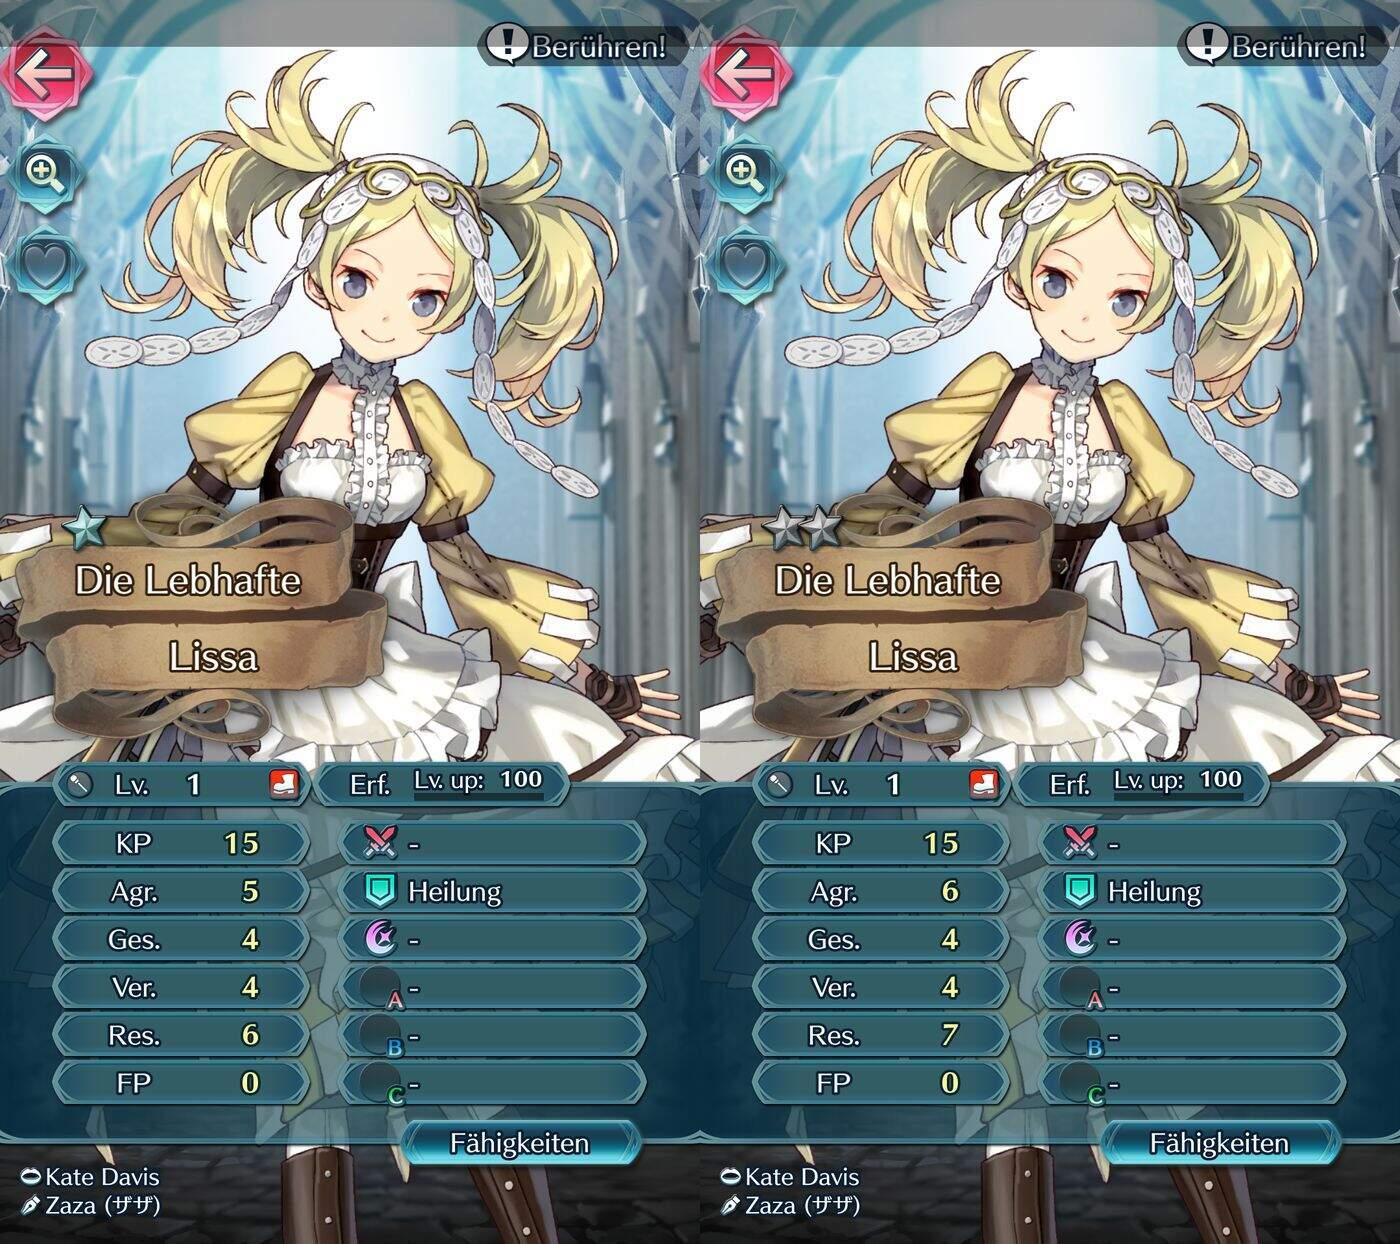 Fire Emblem Heroes Charaktere Lissa 1 und 2 Sterne